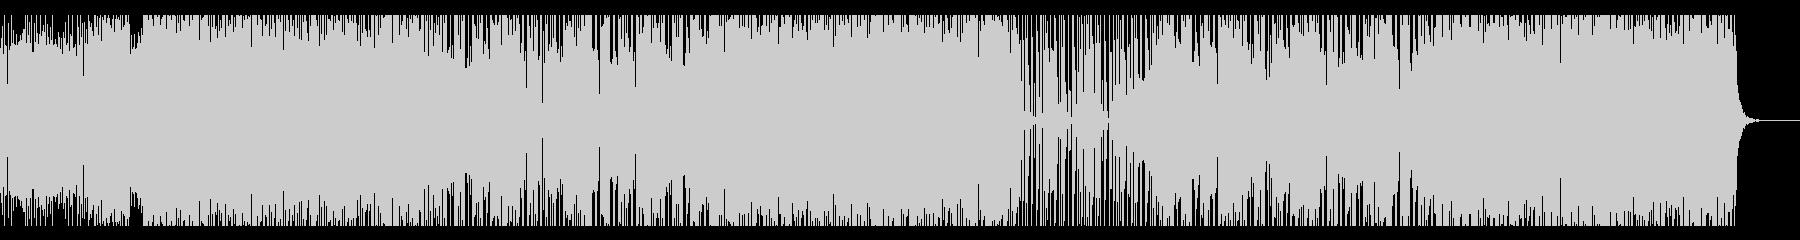 わくわく心躍るシンセサウンドの未再生の波形